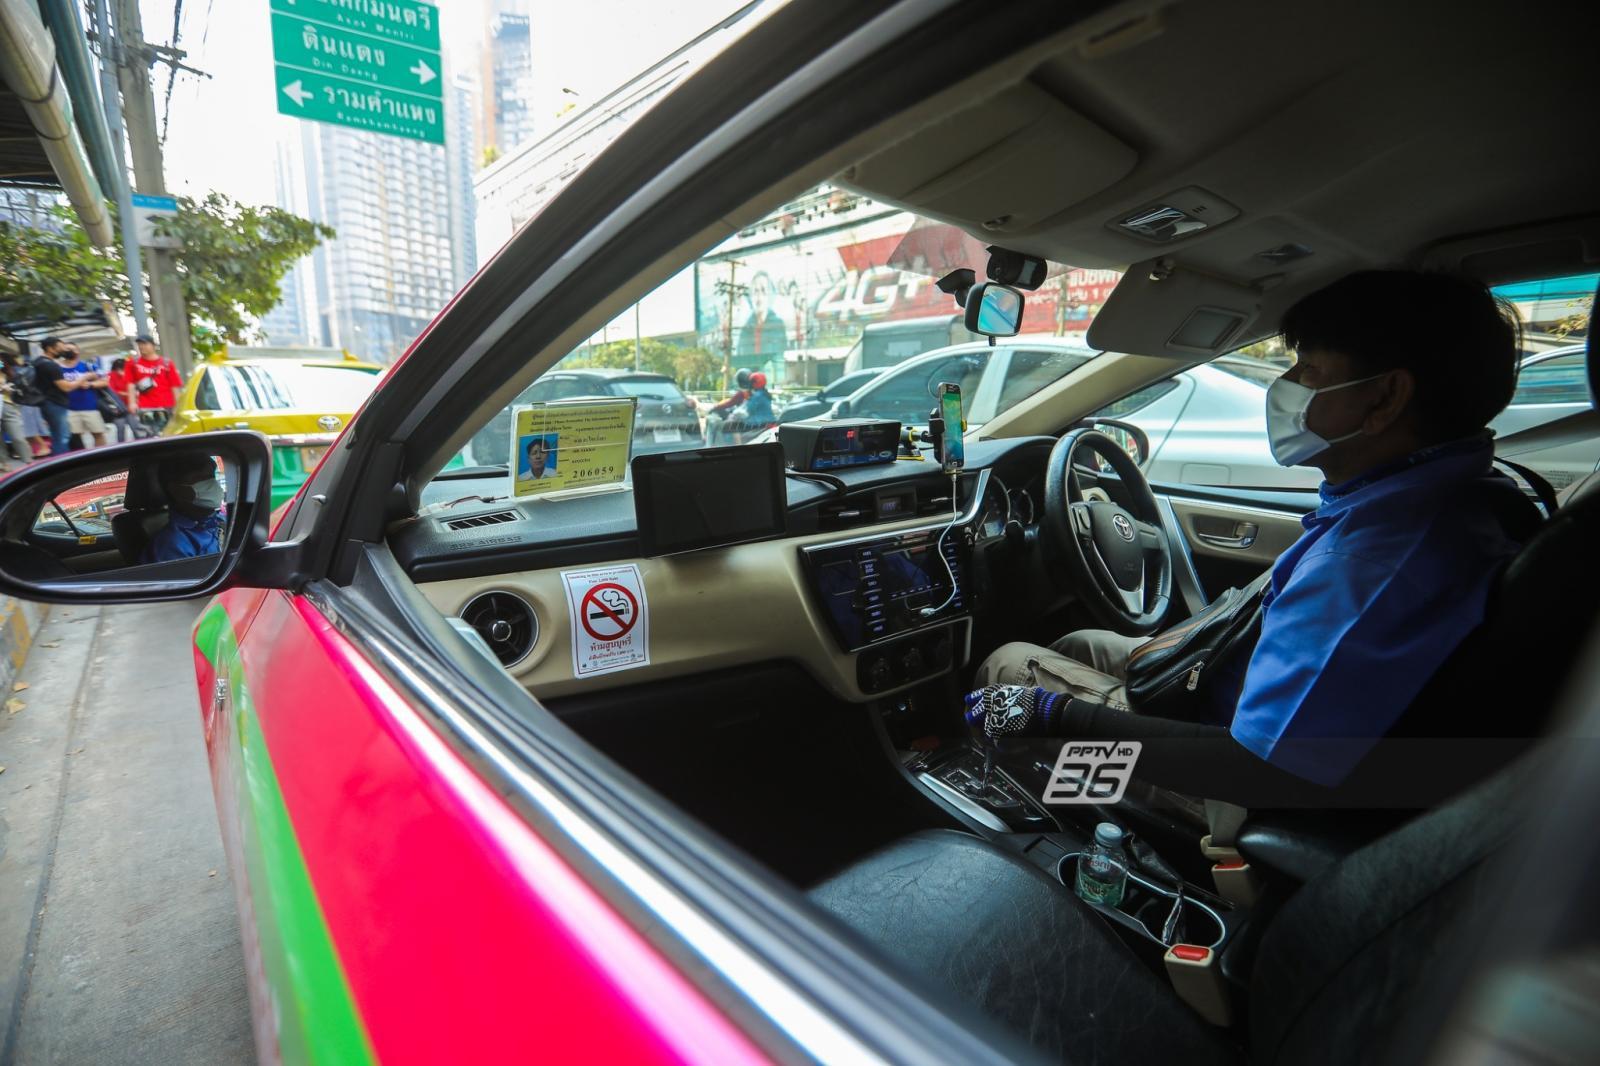 ' 4 จุดเสี่ยง' ระมัดระวังเชื้อไวรัสโคโรนาในแท็กซี่